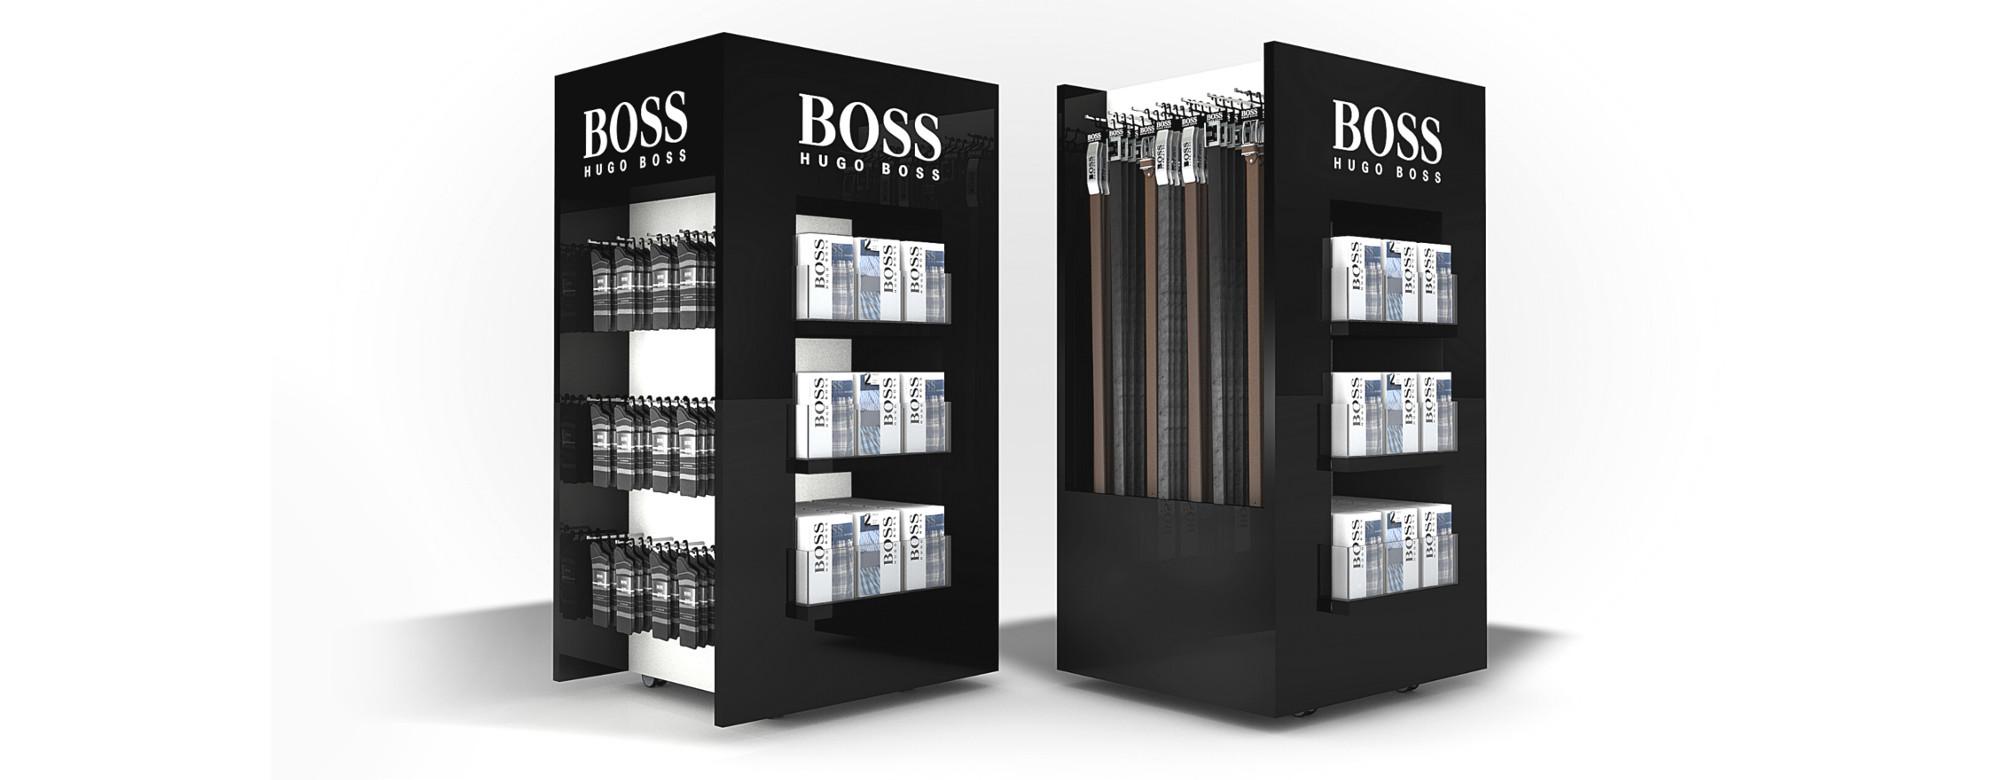 PLV Hugo Boss - Ejemplo de Mobiliario Retail